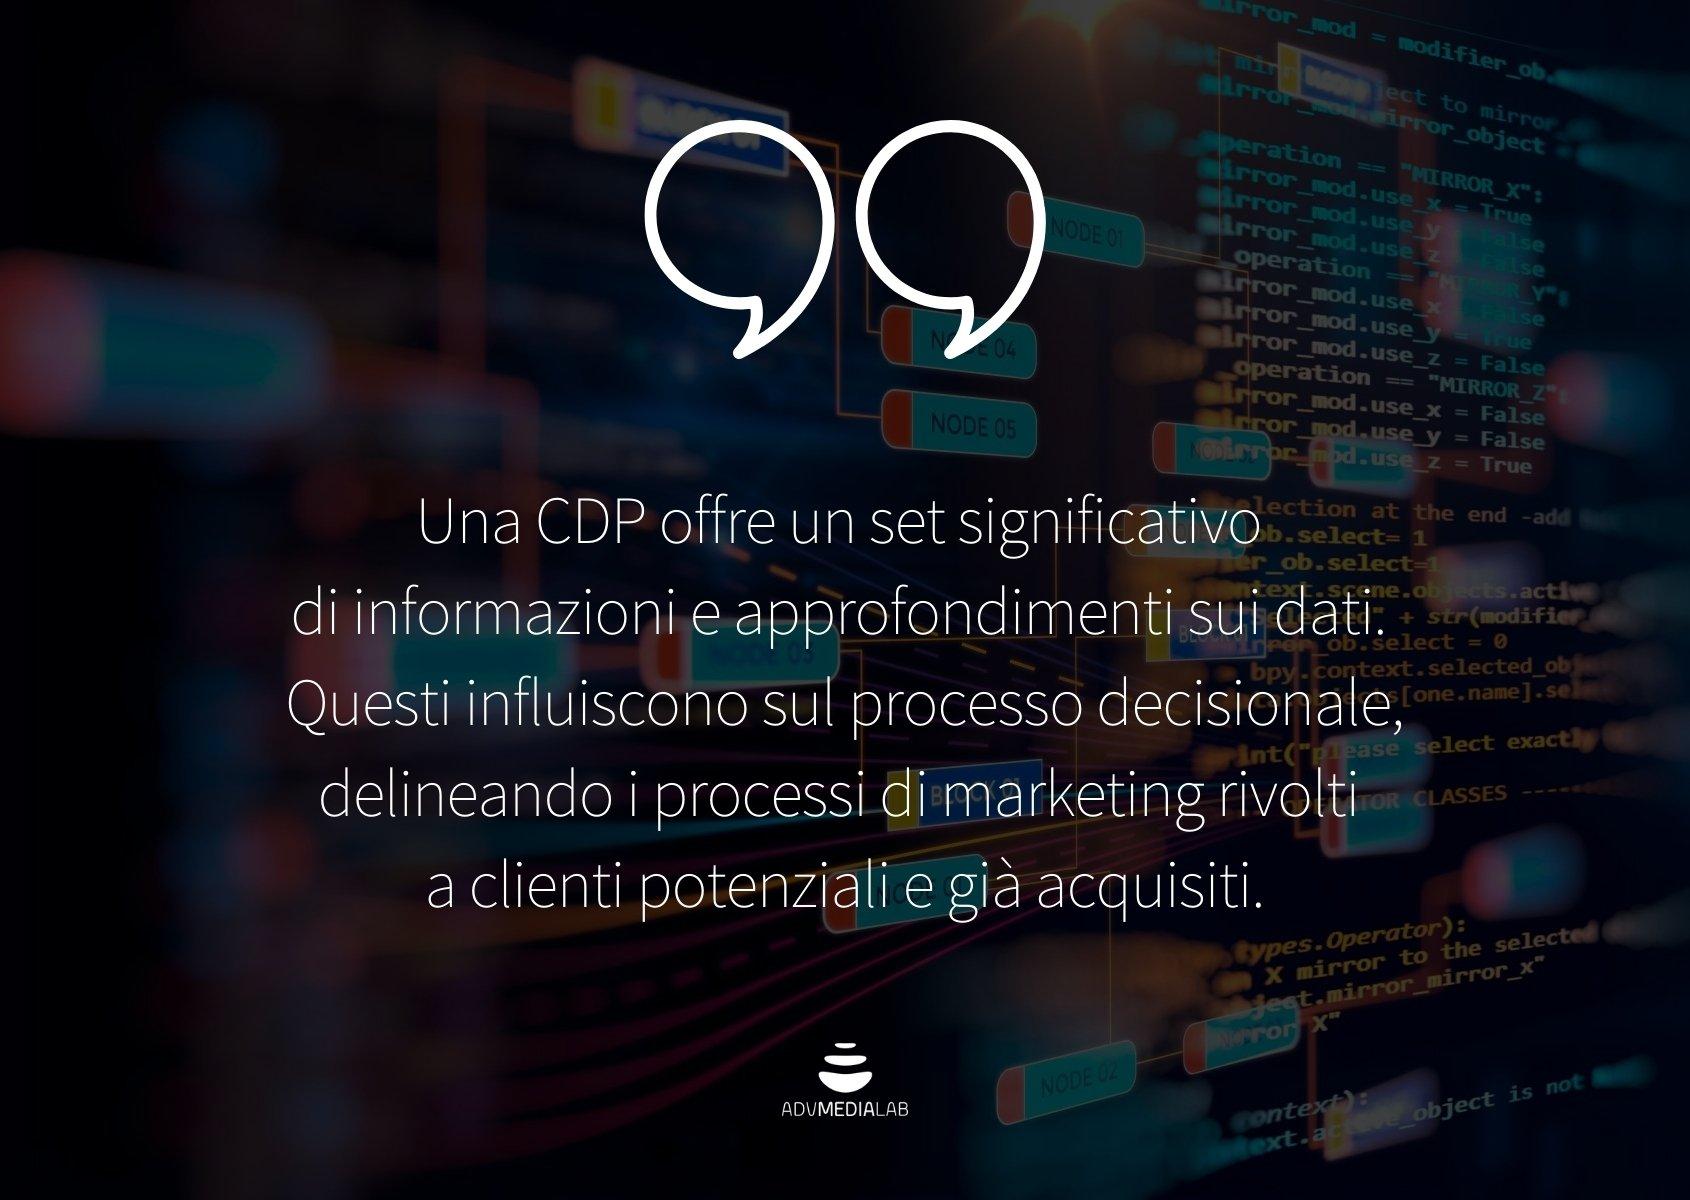 Una customer data platform offre un set significativo di informazioni e approfondimenti sui dati.